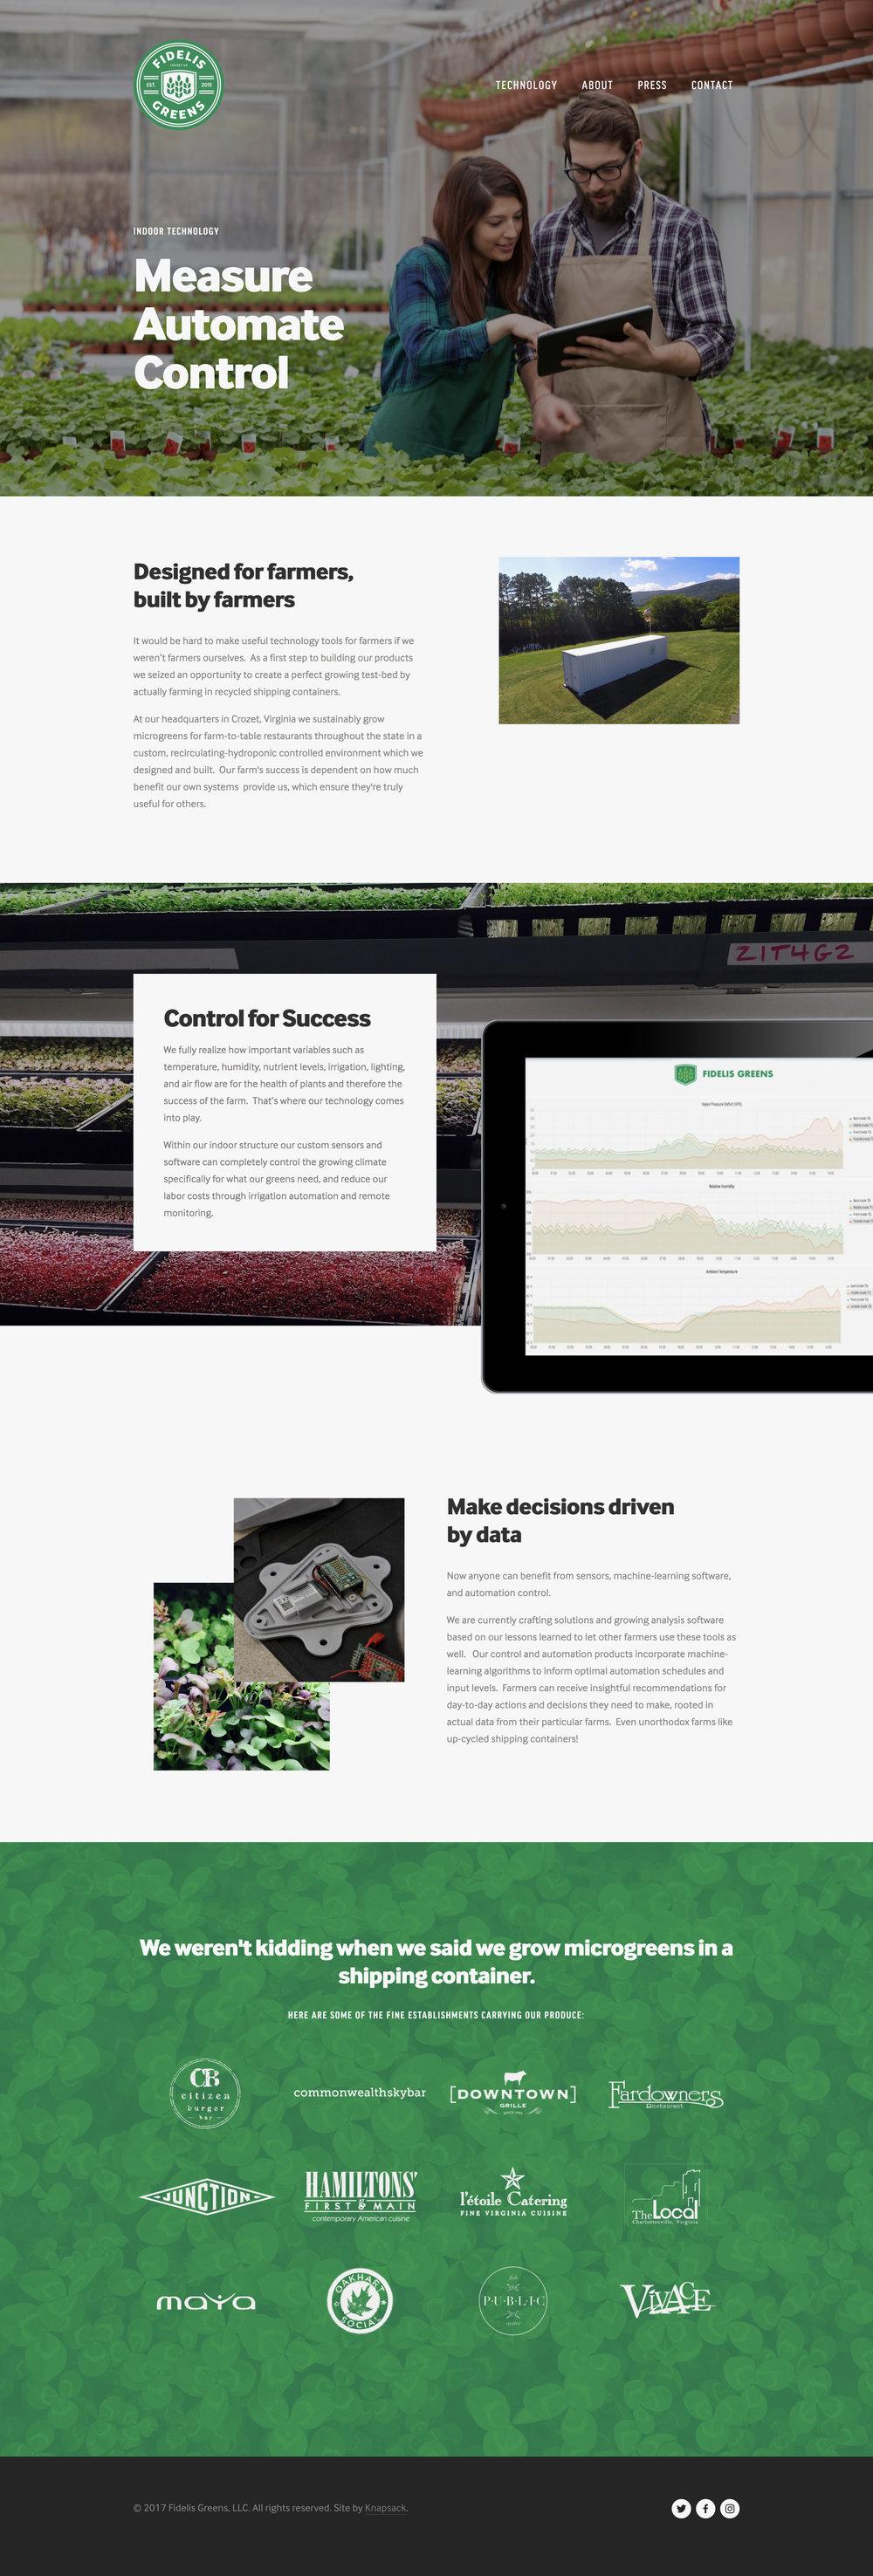 Fidelis-_Greens-Vert_Tech-Air.jpg